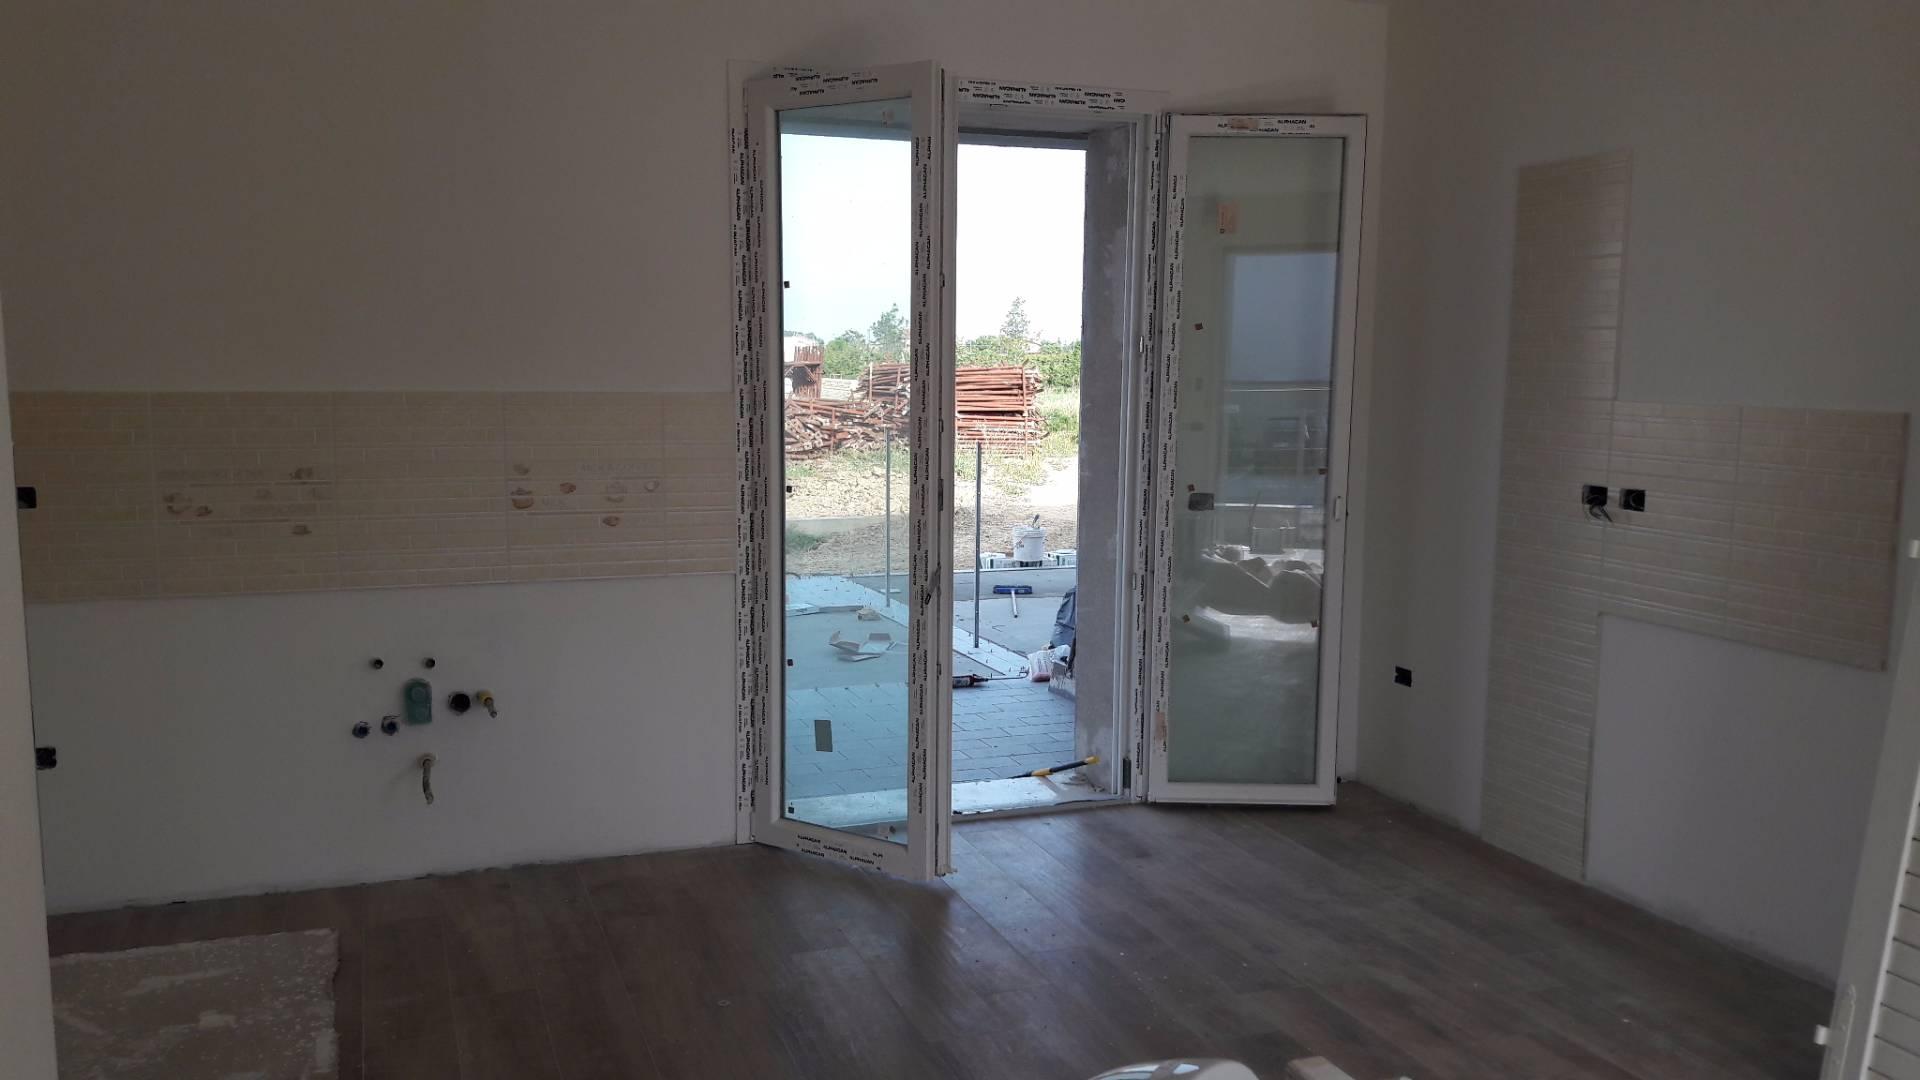 Villa a Schiera in vendita a Cesena, 6 locali, zona Località: CASEFINALI, prezzo € 320.000 | CambioCasa.it